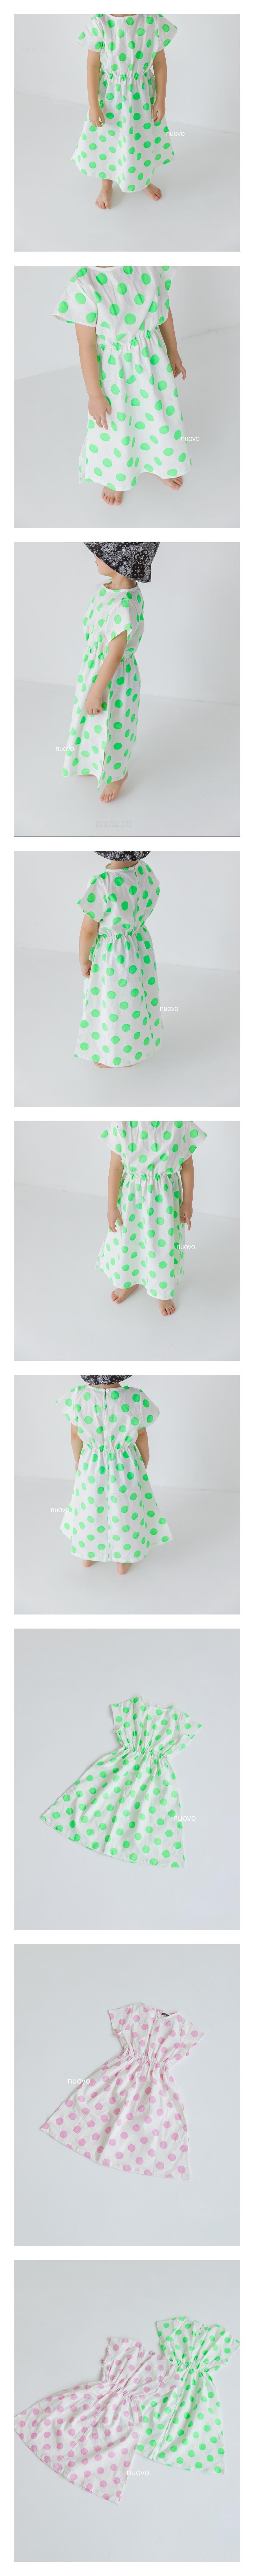 NUOVO - Korean Children Fashion - #Kfashion4kids - Dot One-piece